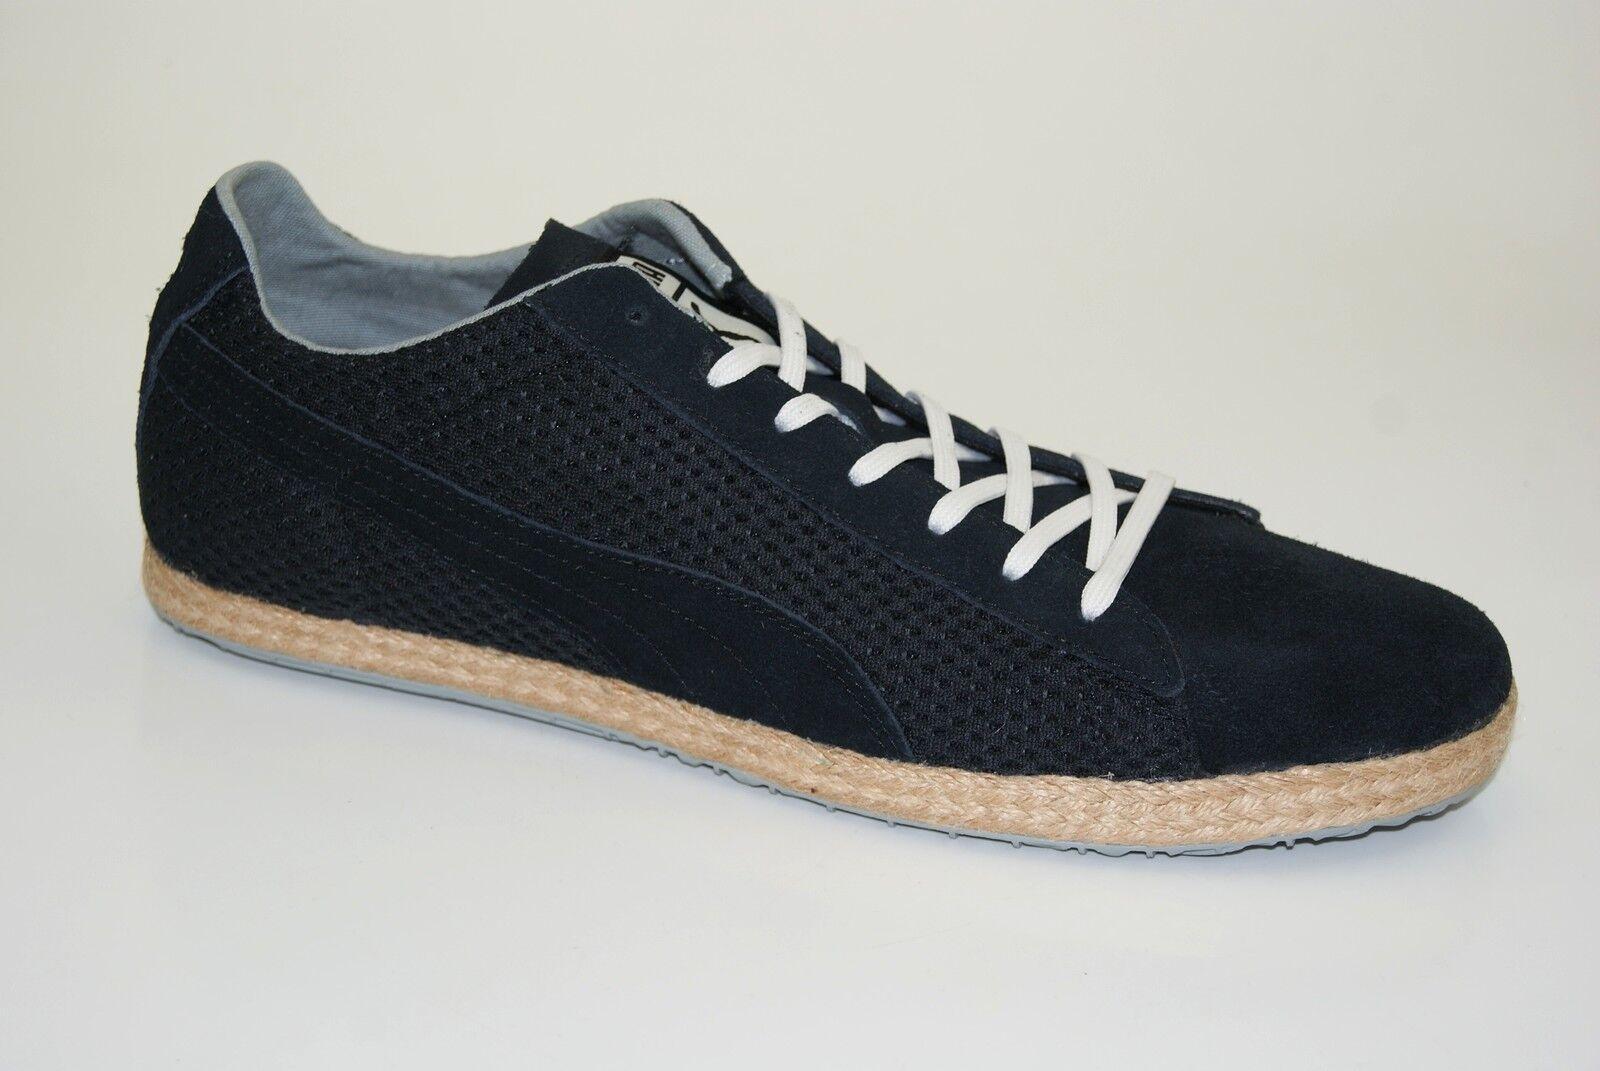 Puma Glyde Espadrille Sneakers Low shoes Men's Women's Lace-Up shoes 354672-01